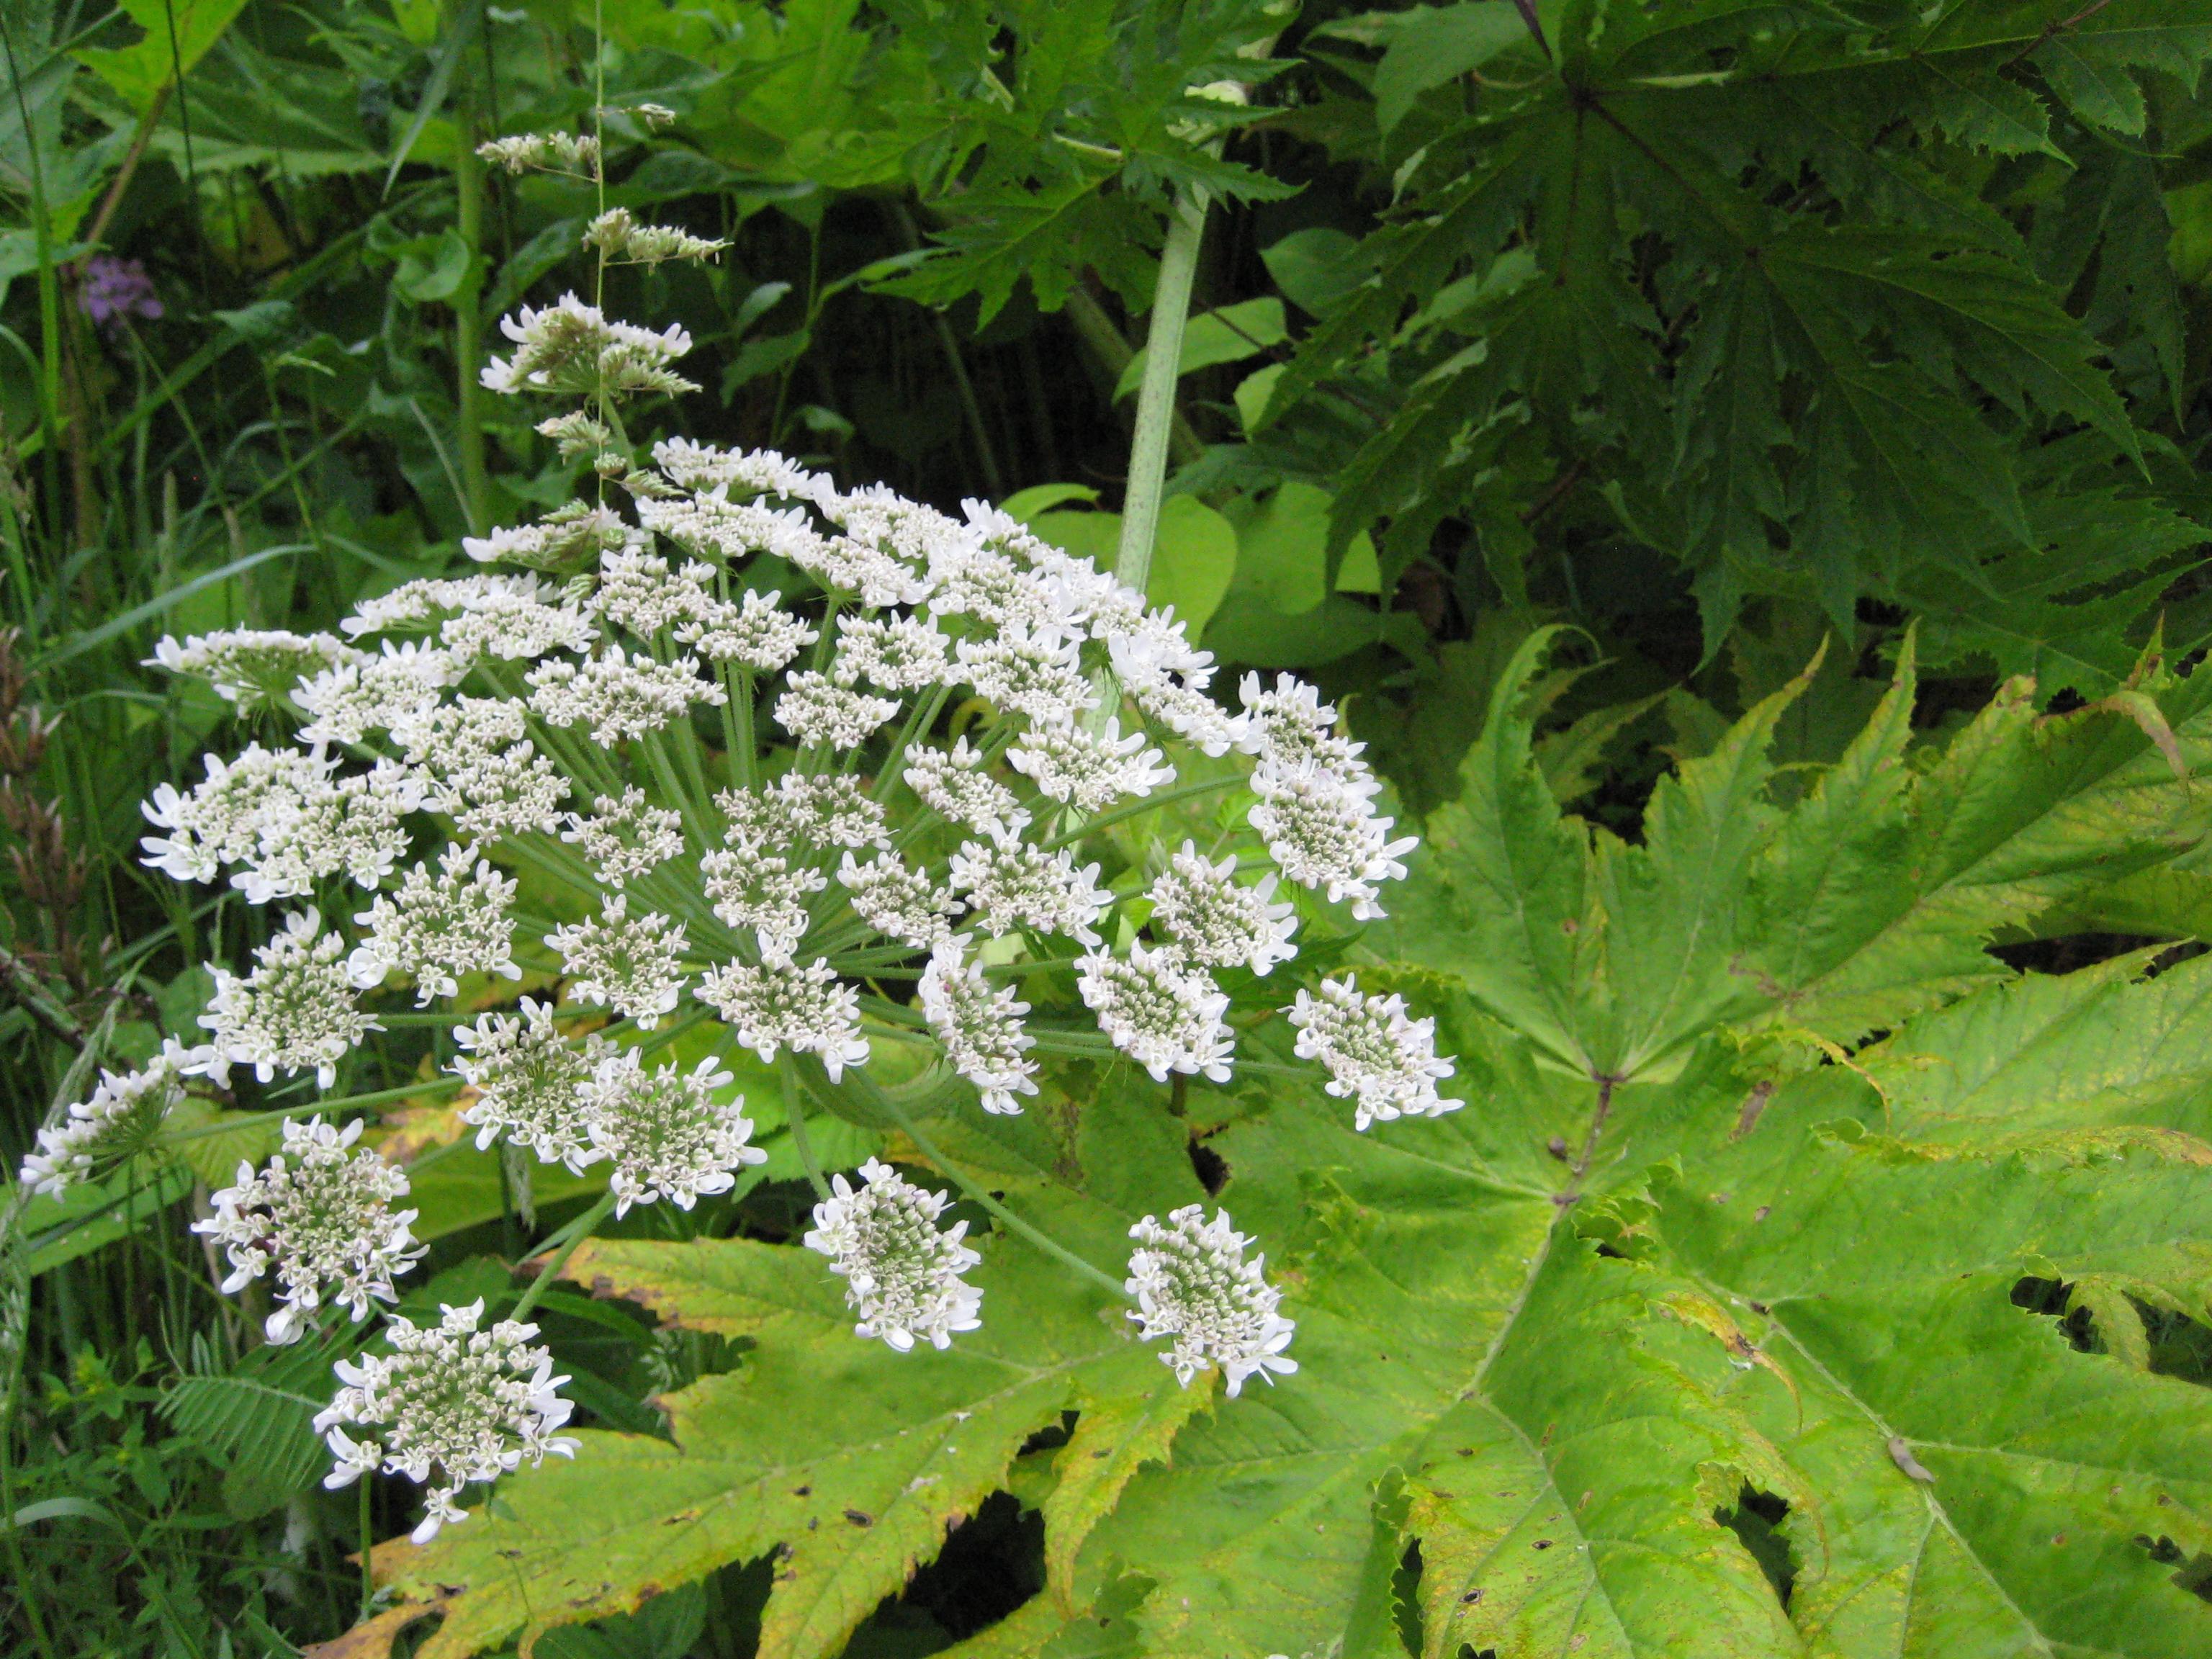 heracleum_mantegazzianum_giant_hogweed_flowers_ssisc